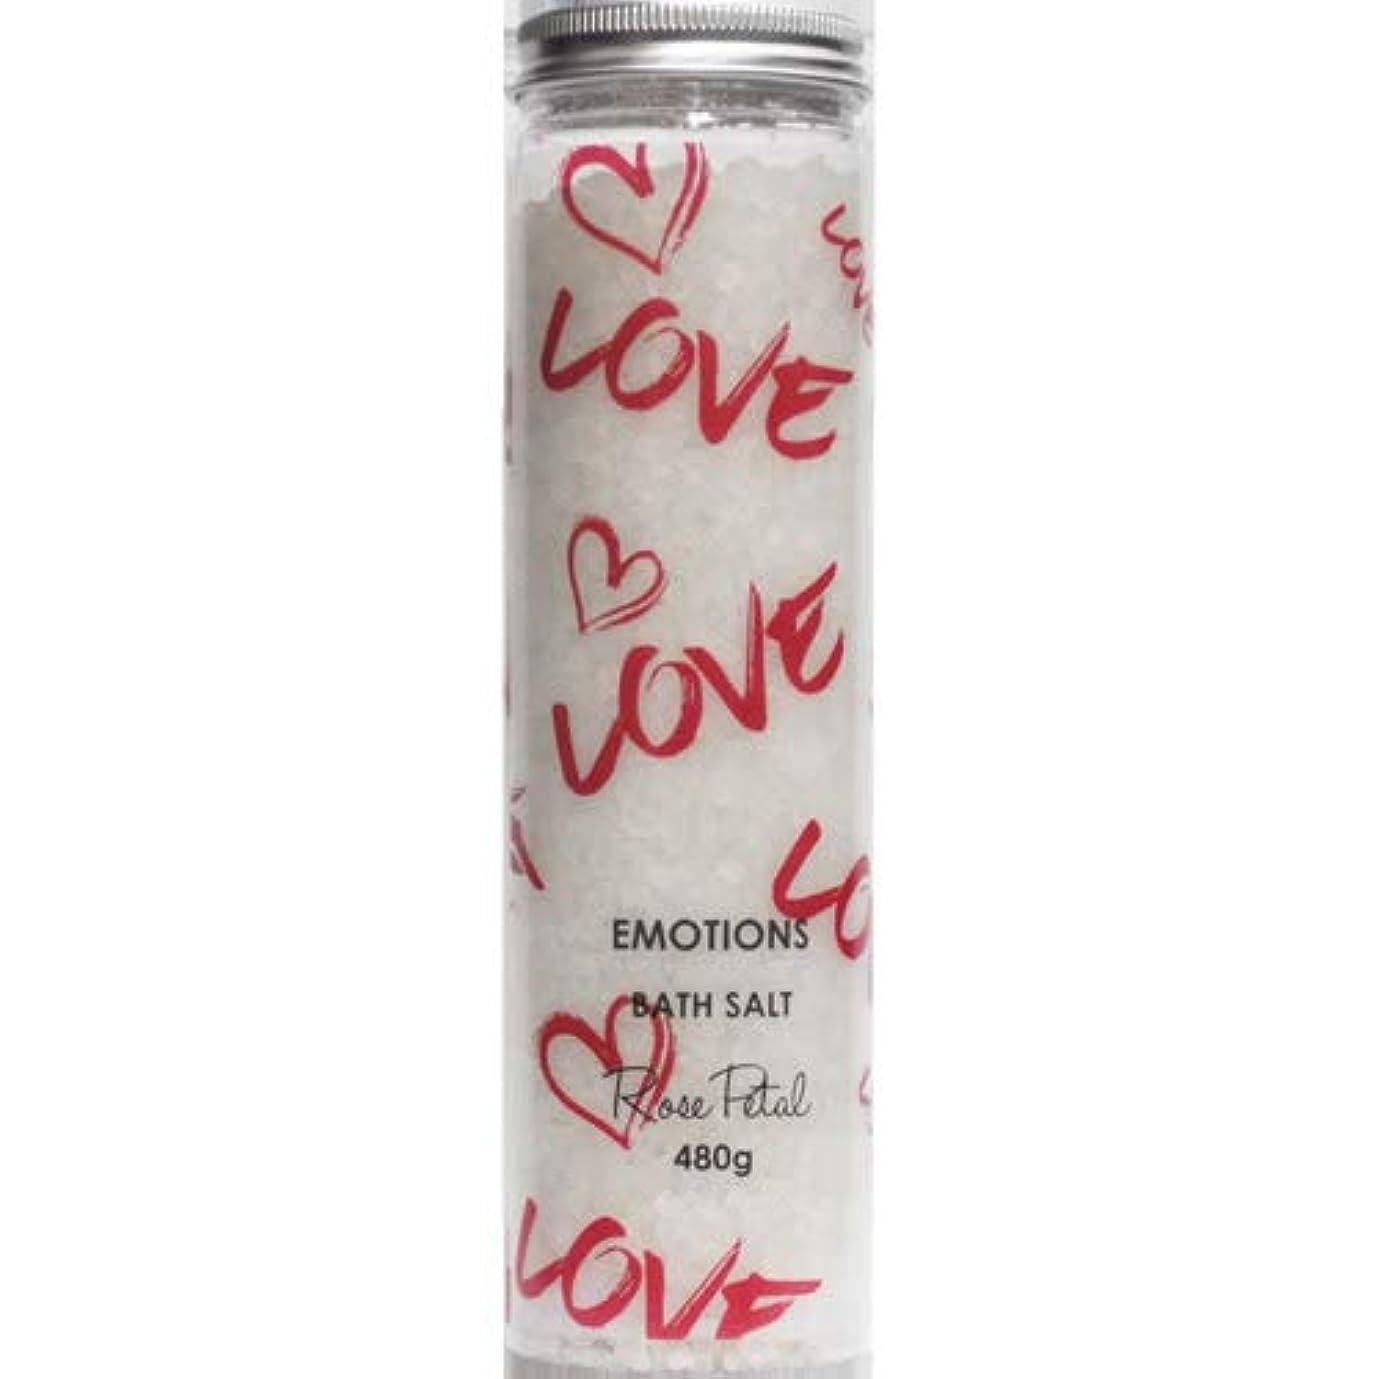 十分精算クライマックス三和トレーディング EMOTIONS エモーション Fragranced Bath Salts バスソルト Love ラブ(Rose Petal ローズペタル)